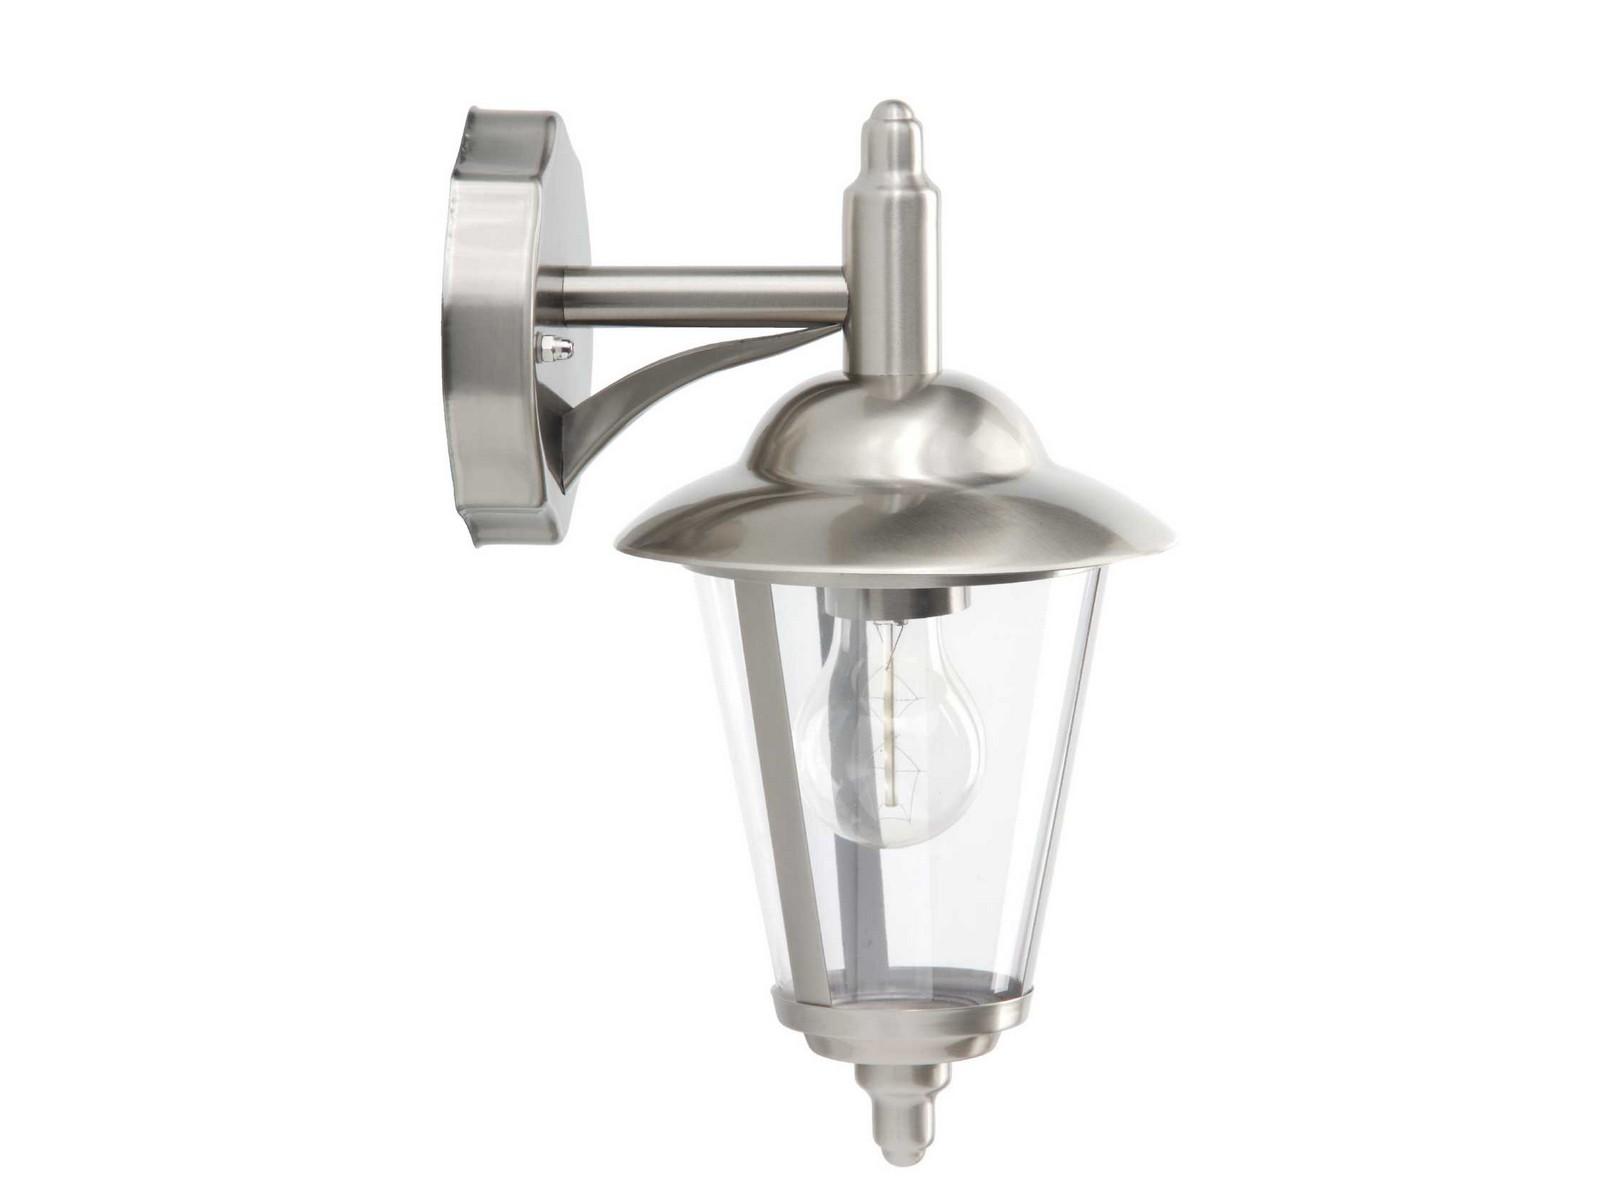 Светильник уличный NeilУличные настенные светильники<br>Вид цоколя: E27&amp;amp;nbsp;&amp;lt;div&amp;gt;Количество ламп: 1&amp;amp;nbsp;&amp;lt;/div&amp;gt;&amp;lt;div&amp;gt;Наличие ламп: отсутствуют&amp;amp;nbsp;&amp;lt;/div&amp;gt;&amp;lt;div&amp;gt;Мощность лампы: 60W&amp;lt;/div&amp;gt;<br><br>Material: Металл<br>Ширина см: 16<br>Высота см: 32<br>Глубина см: 21